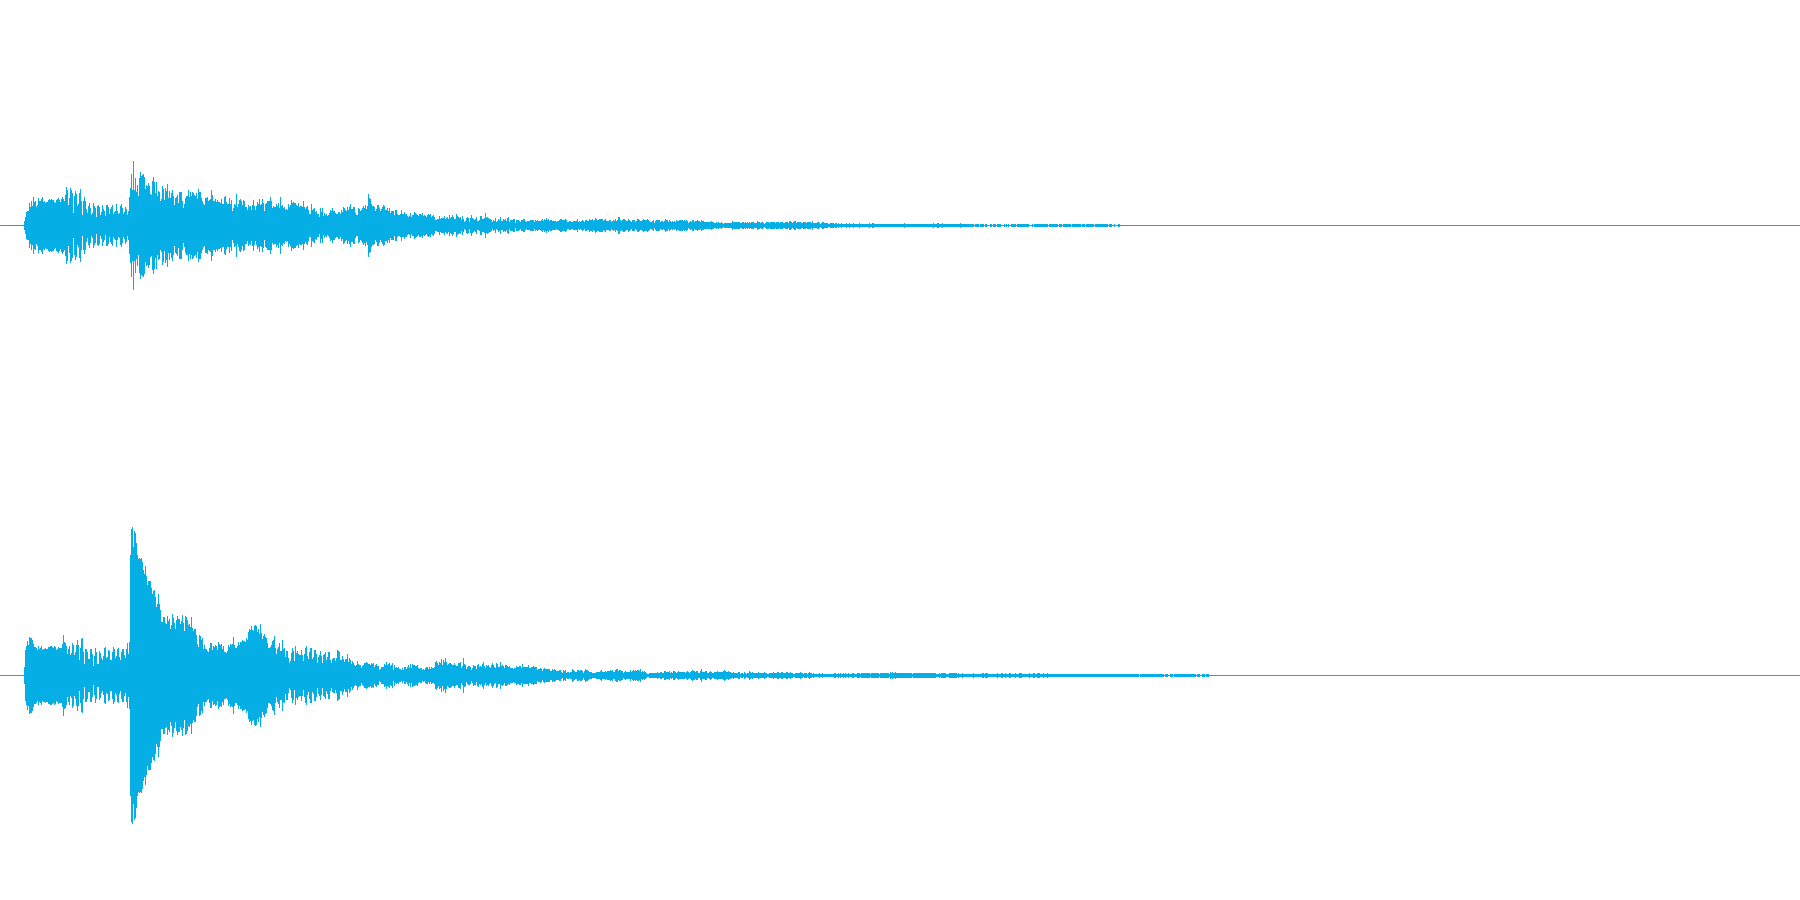 ピアノのワンショット効果音03の再生済みの波形